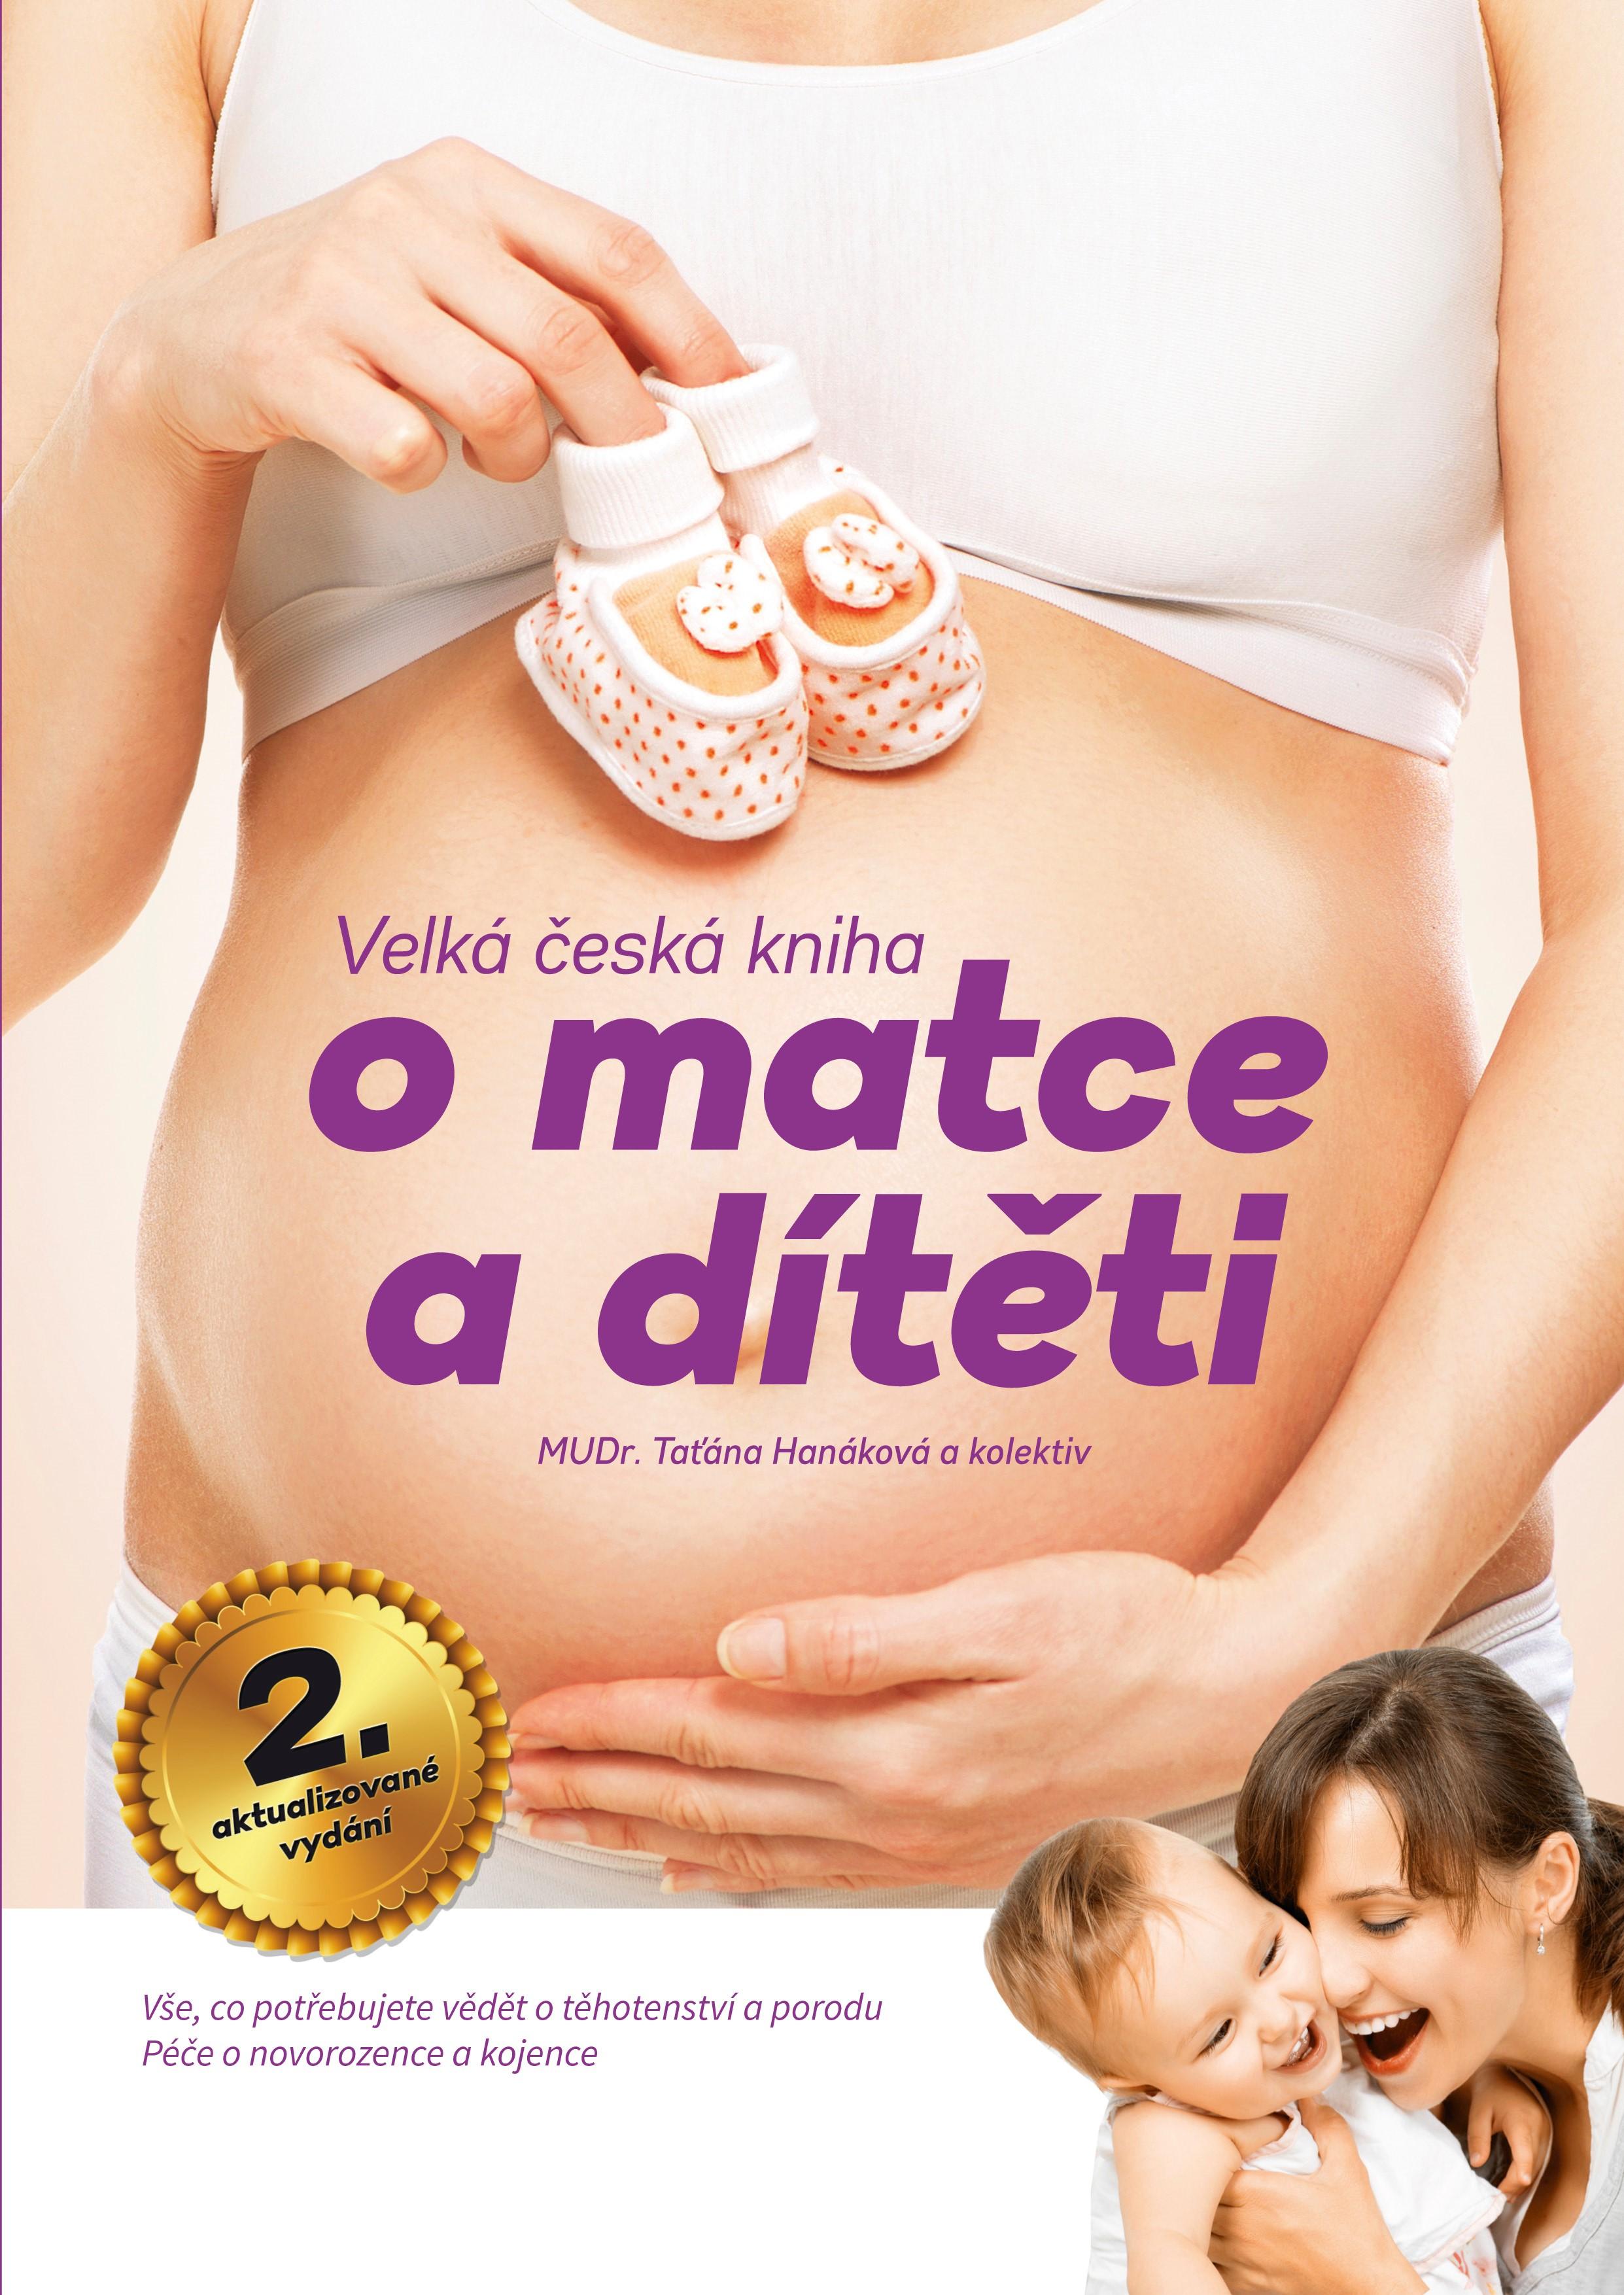 Velká česká kniha o matce a dítěti, 2.aktualizované vydání | Taťána Hanáková, Magdalena Chvílová Weberová, Pavla Volná